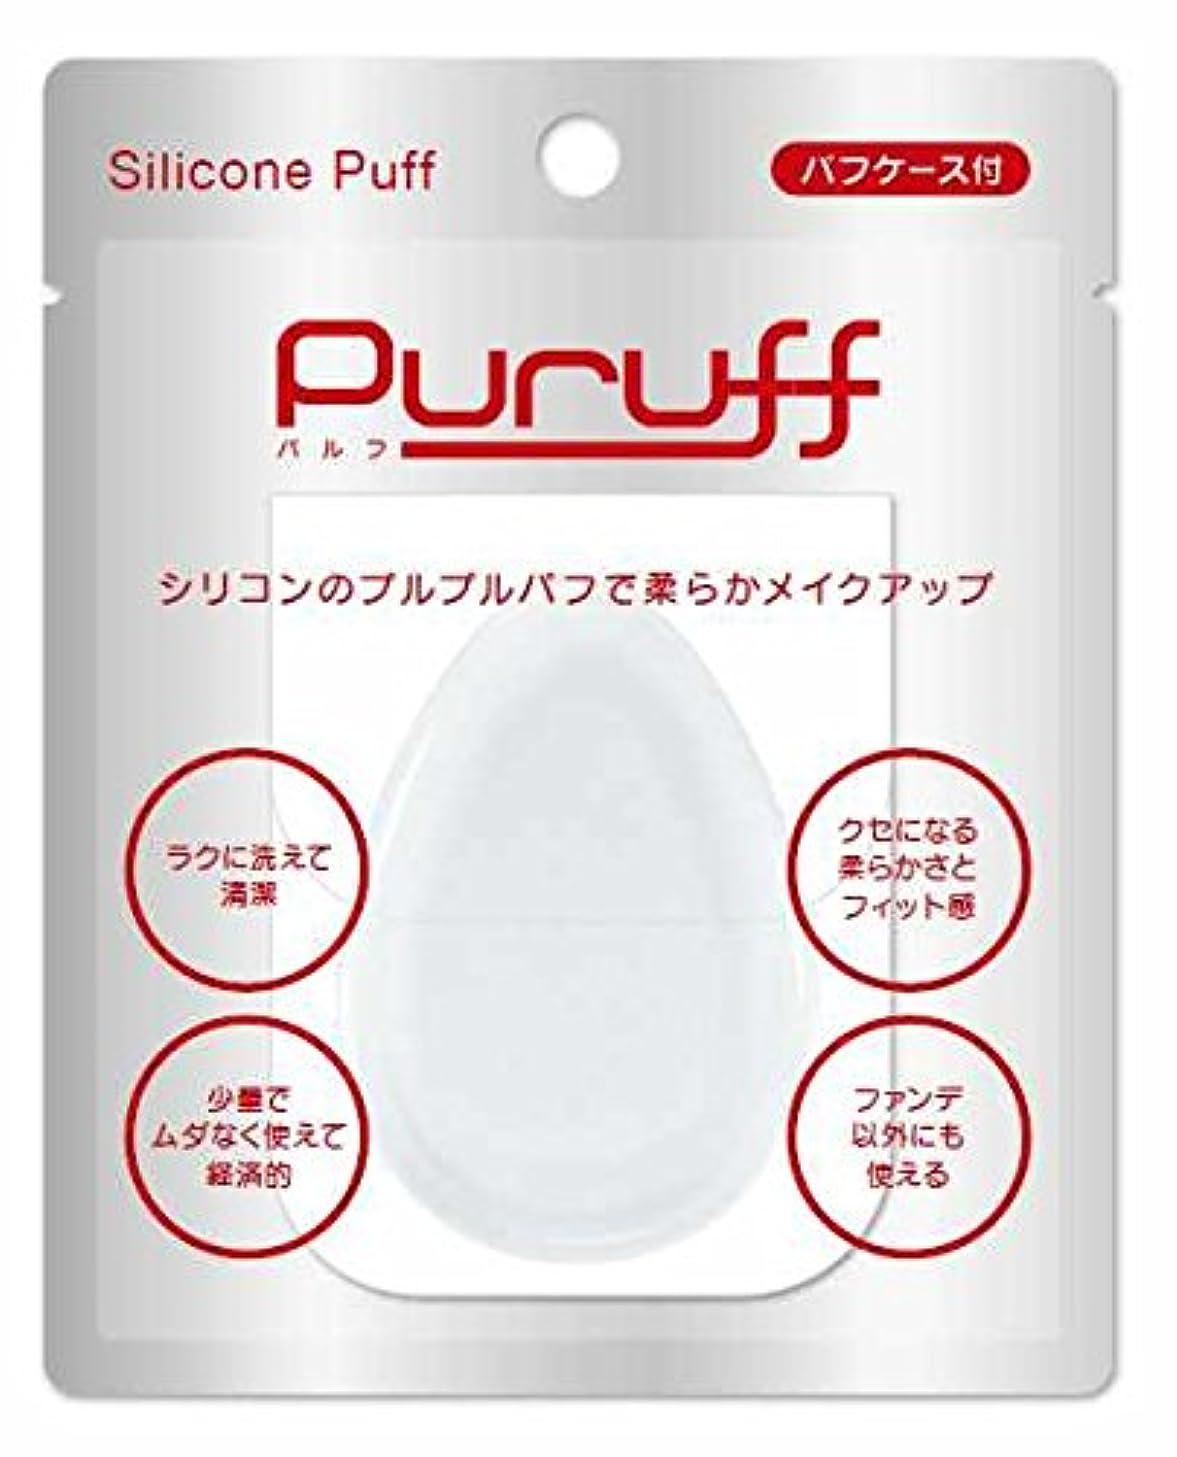 風スリーブピザPuruff(パルフ) シリコンパフ カバー付 【まとめ買い6個セット】